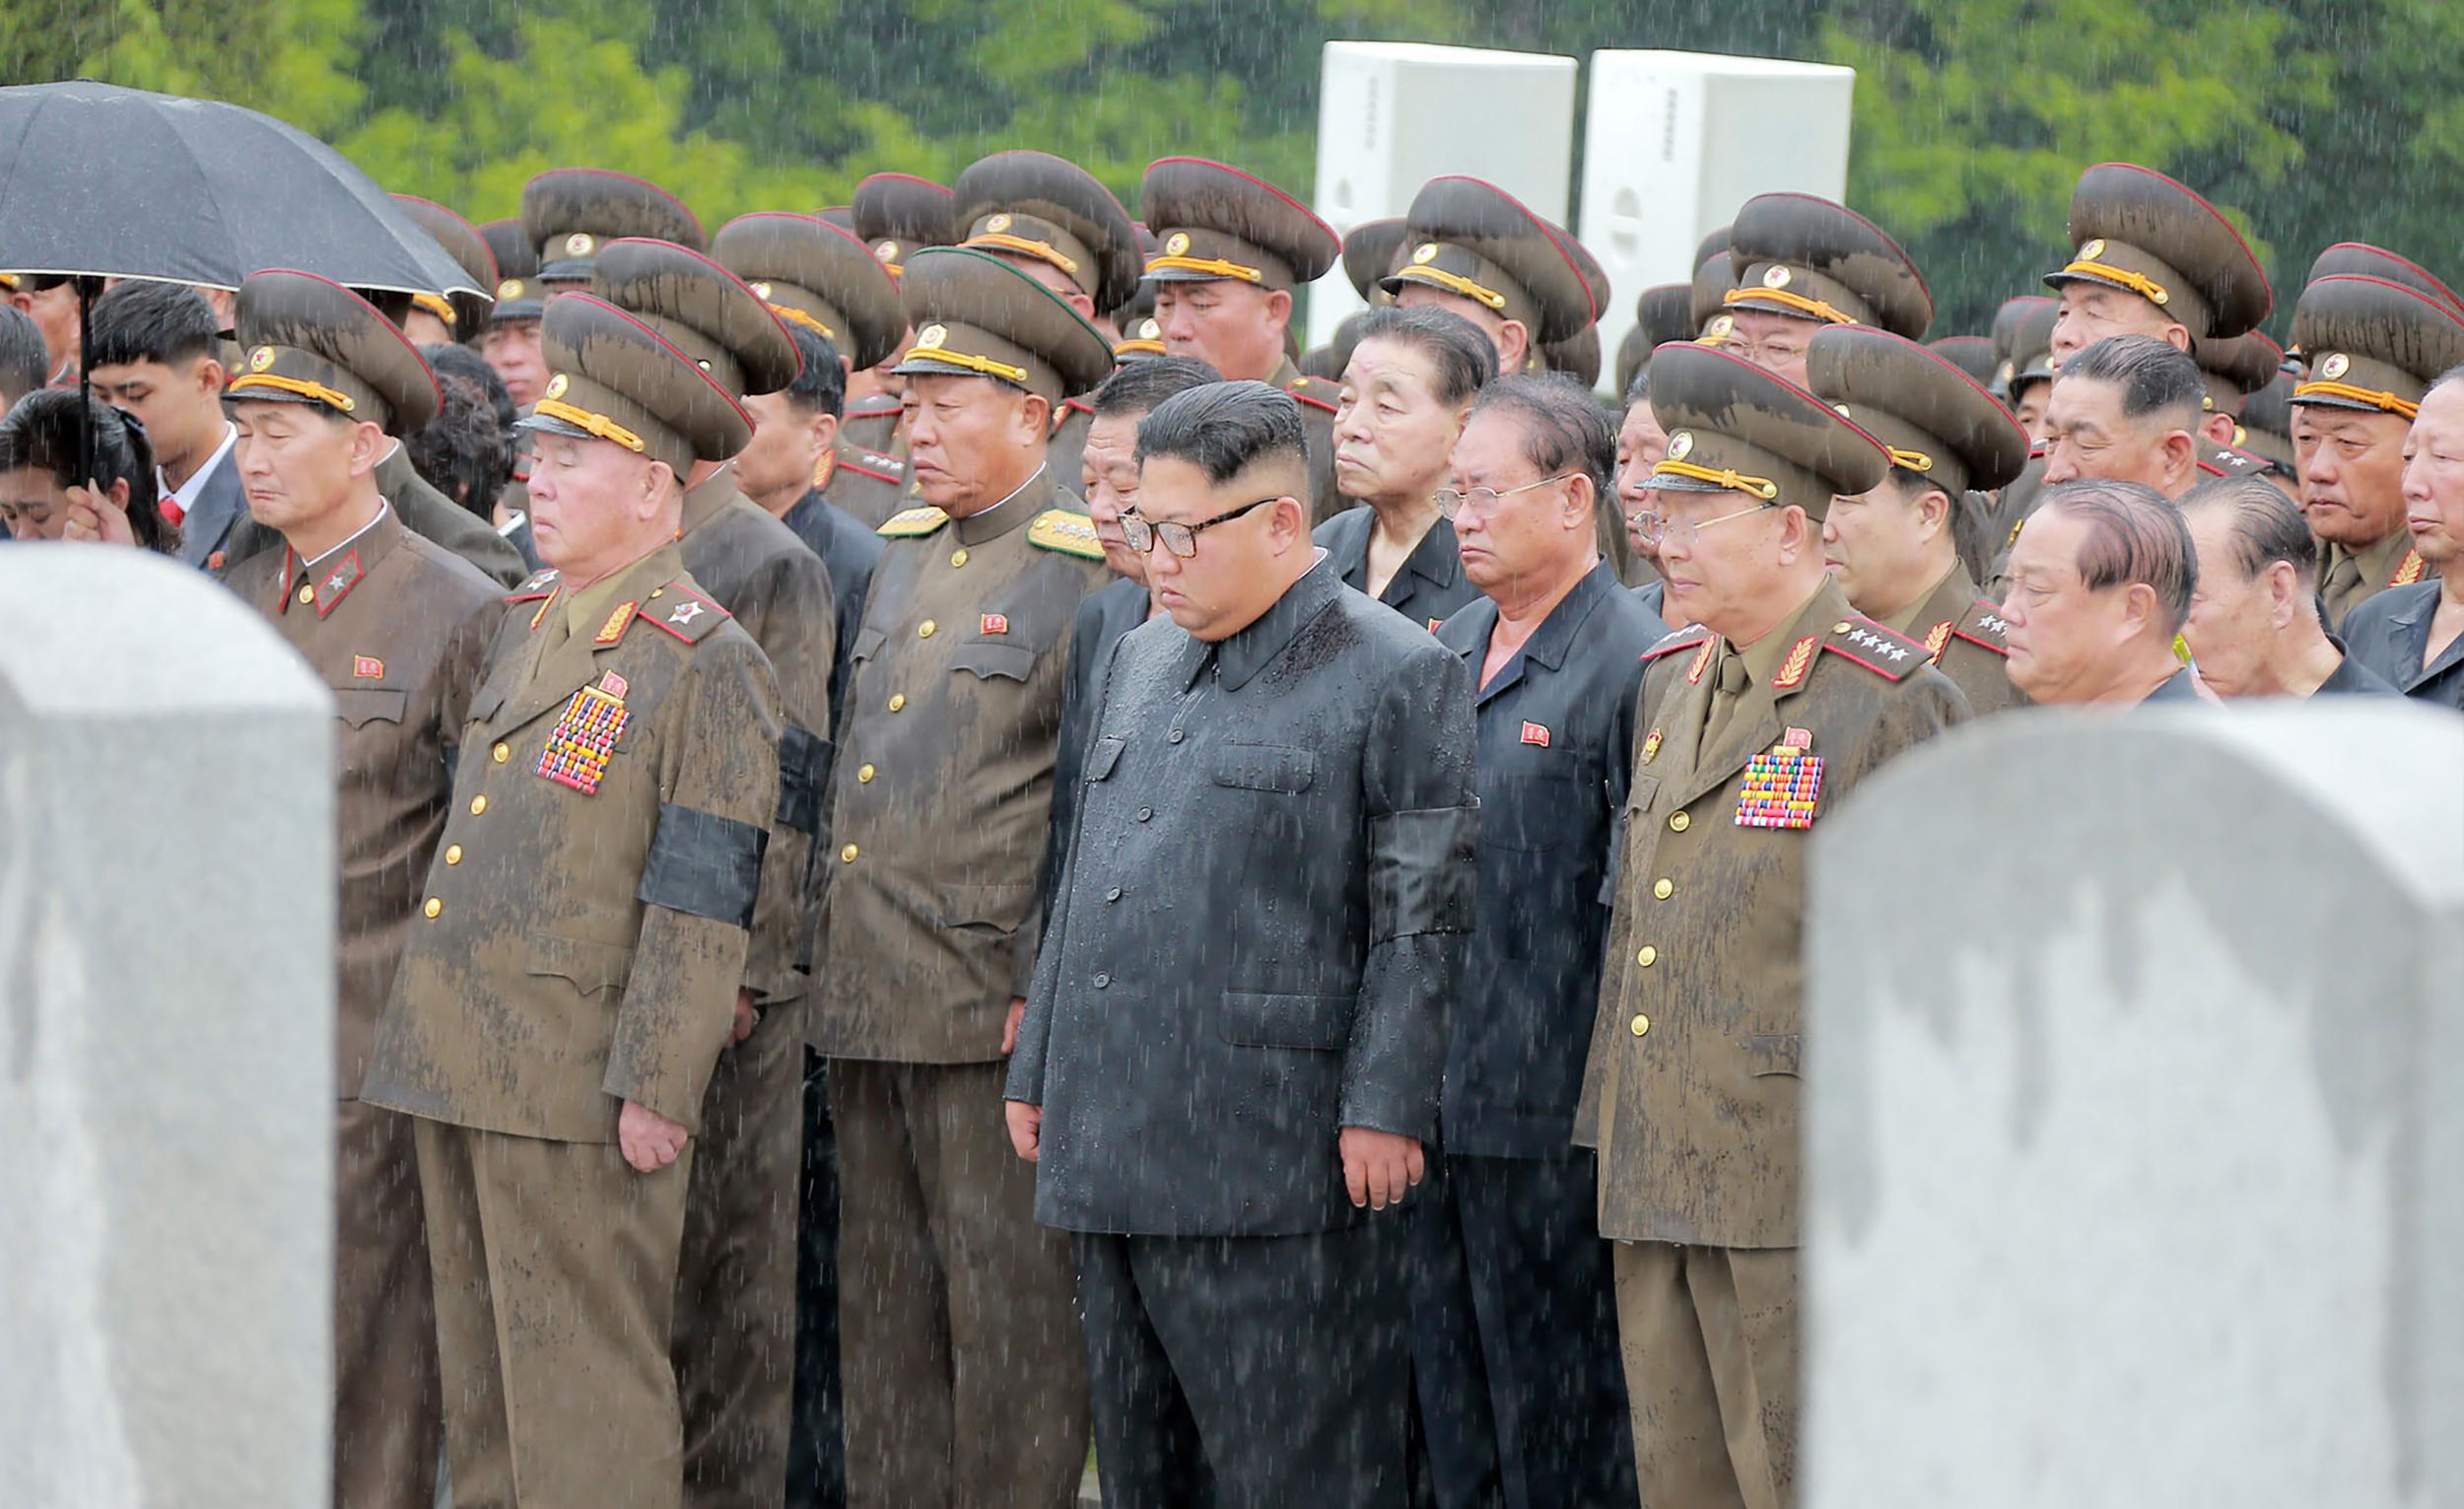 少校月薪僅1美元 北韓軍官如何存活?